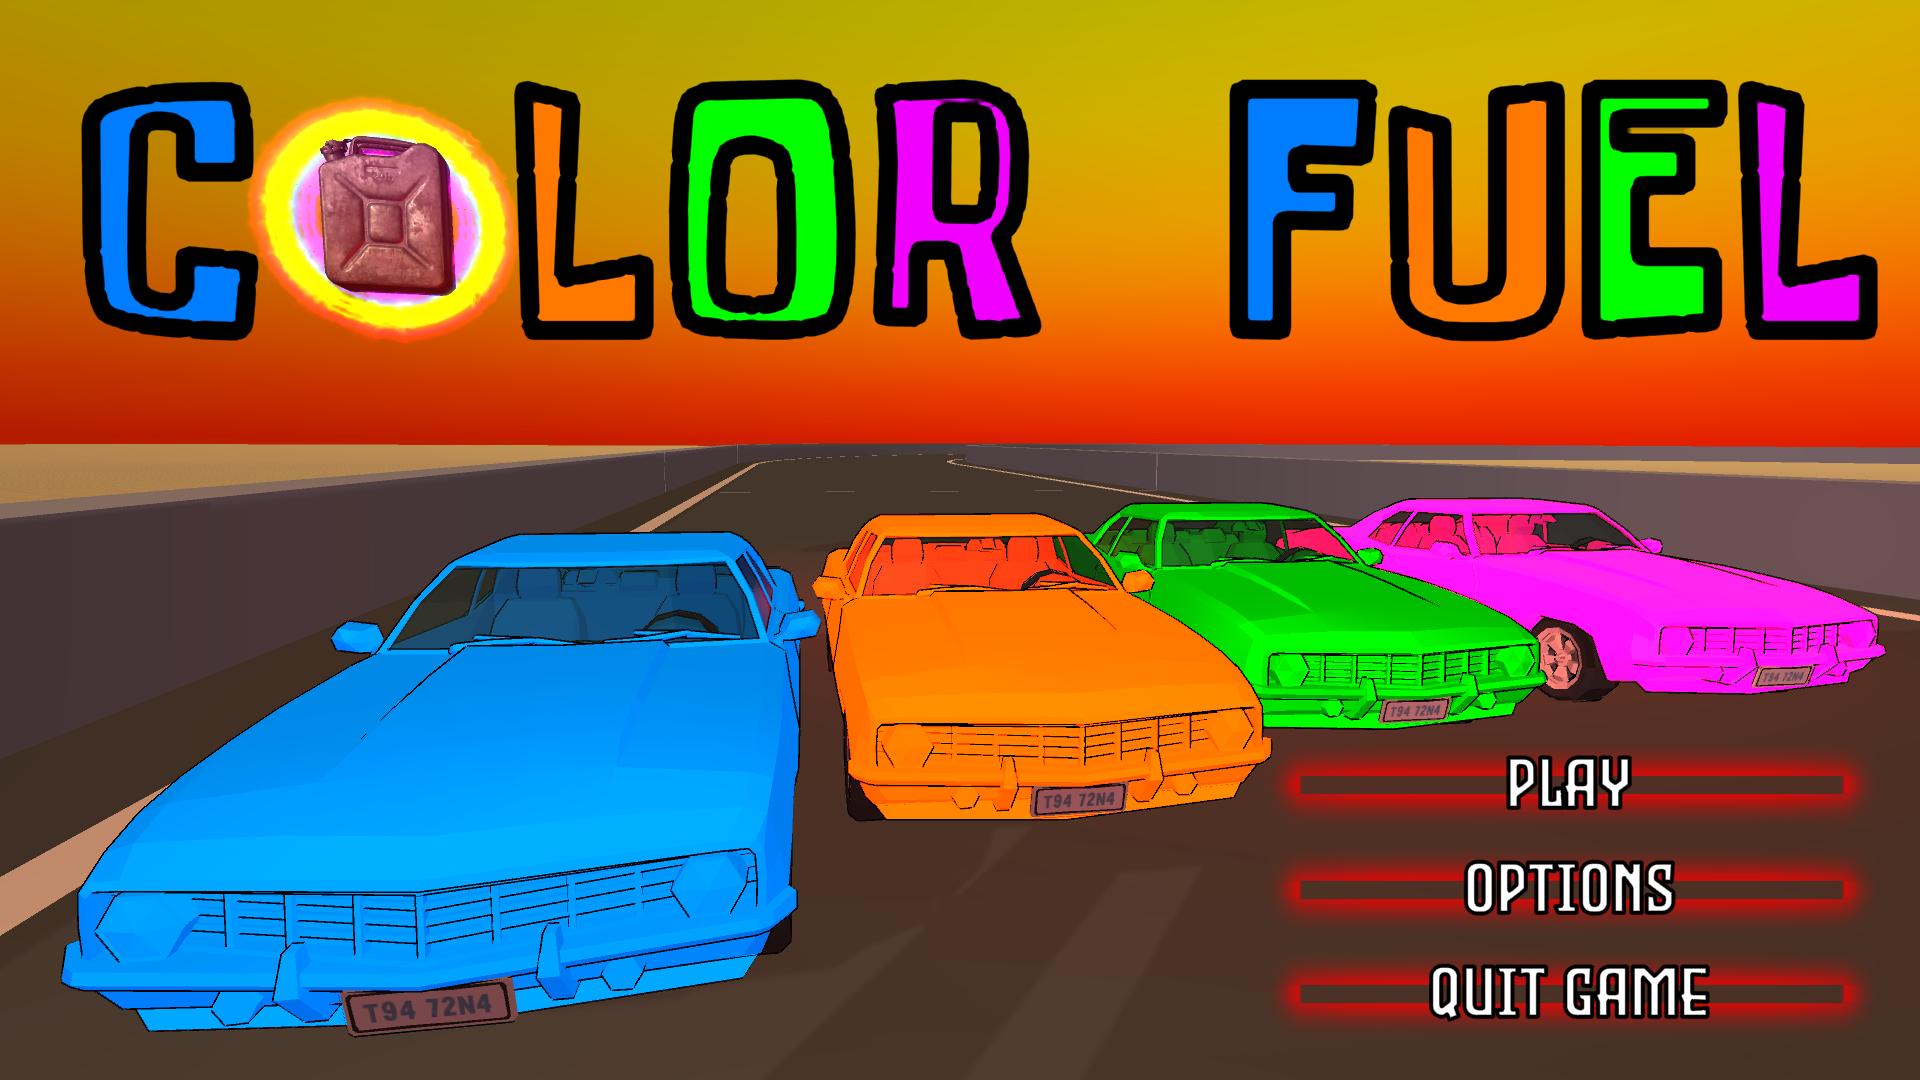 Color Fuel